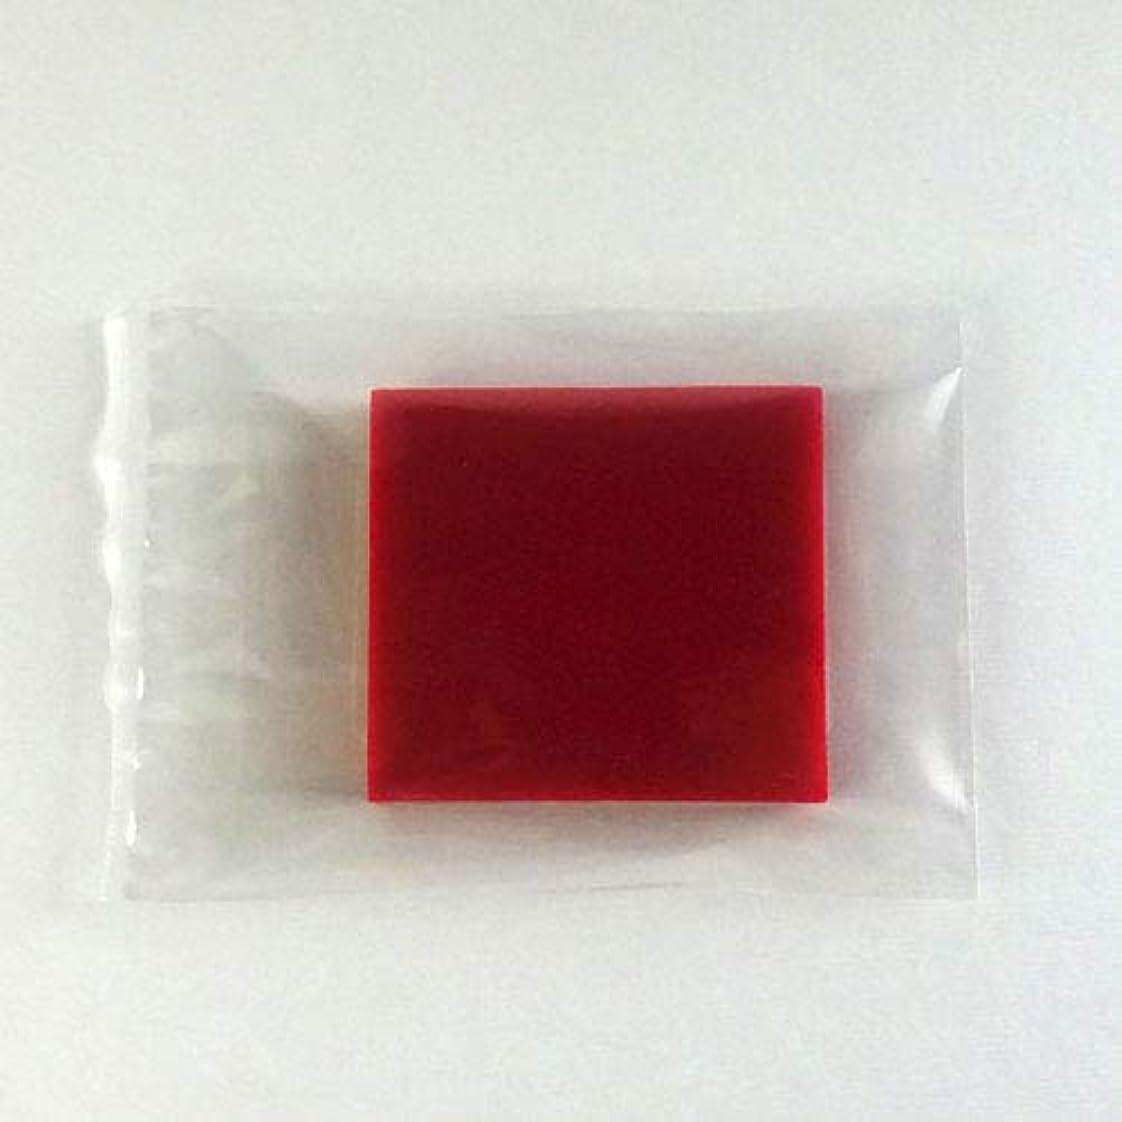 追い出す嬉しいです手綱グリセリンソープ MPソープ 色チップ 赤(レッド) 60g(30g x 2pc)